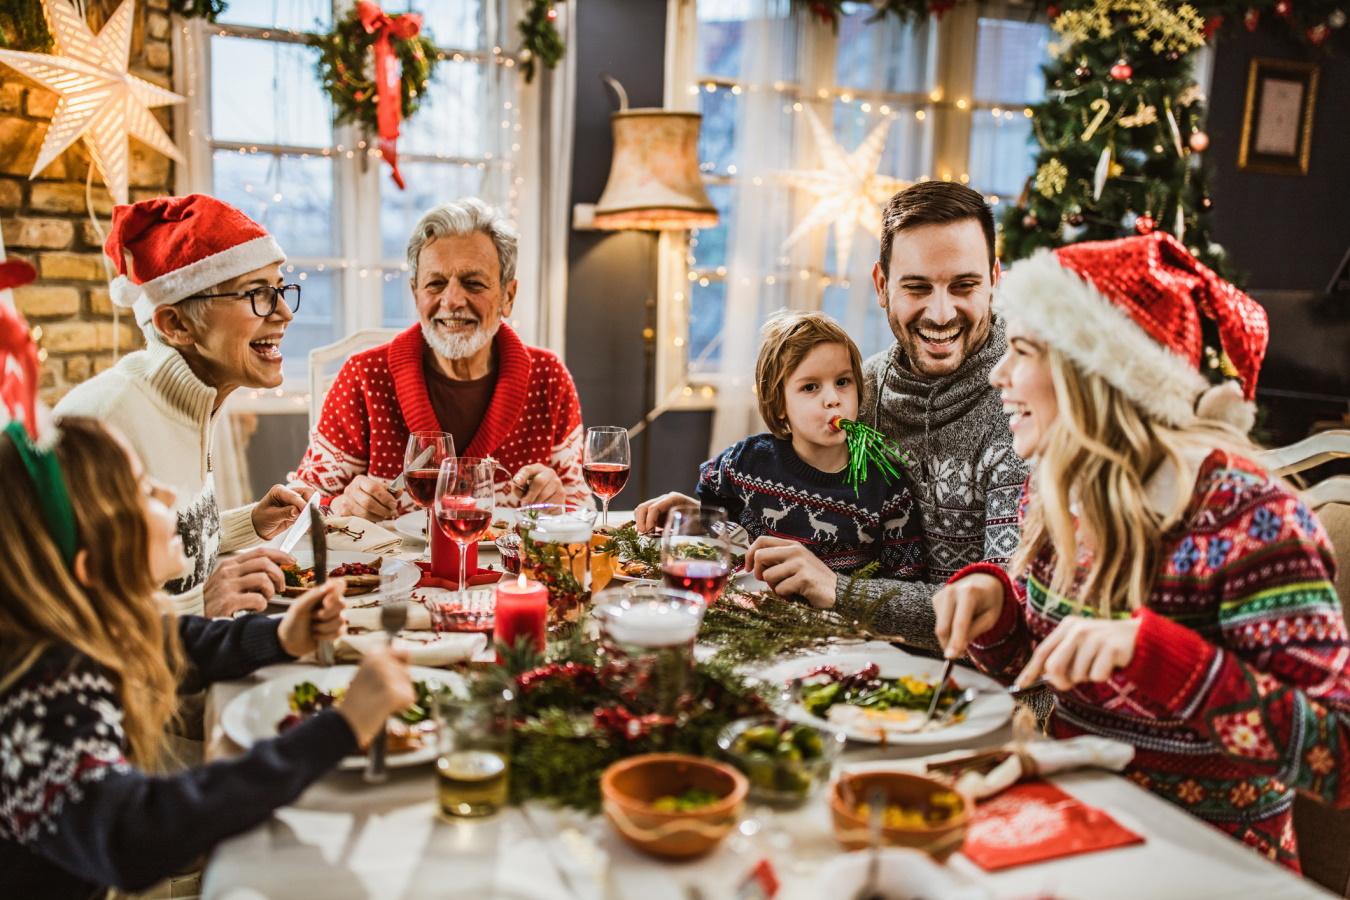 <p>Семейна вечер заедно</p>  <p>Този подарък не изисква много, а само малко време за семейството. В забързаното ежедневие често забравяме за семейството, което ни чака да се обадим или да наминем за уикенда. Коледа е семеен празник, който да ни припомни, че семейството е най-важно.</p>